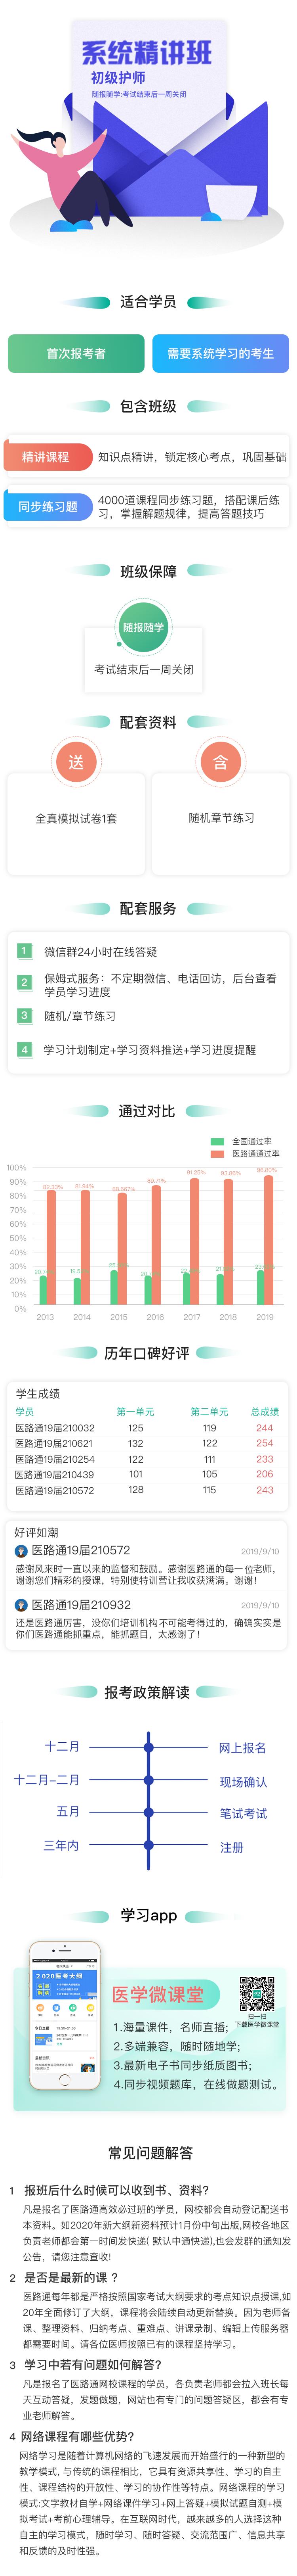 2020年初级护师系统精讲班课程详情.png